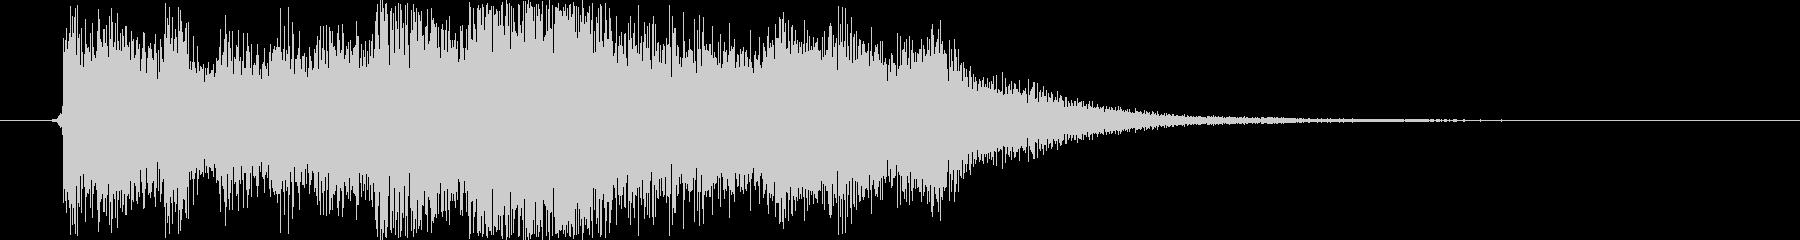 RPG ジングル「勝利」の音楽 3〜4秒の未再生の波形